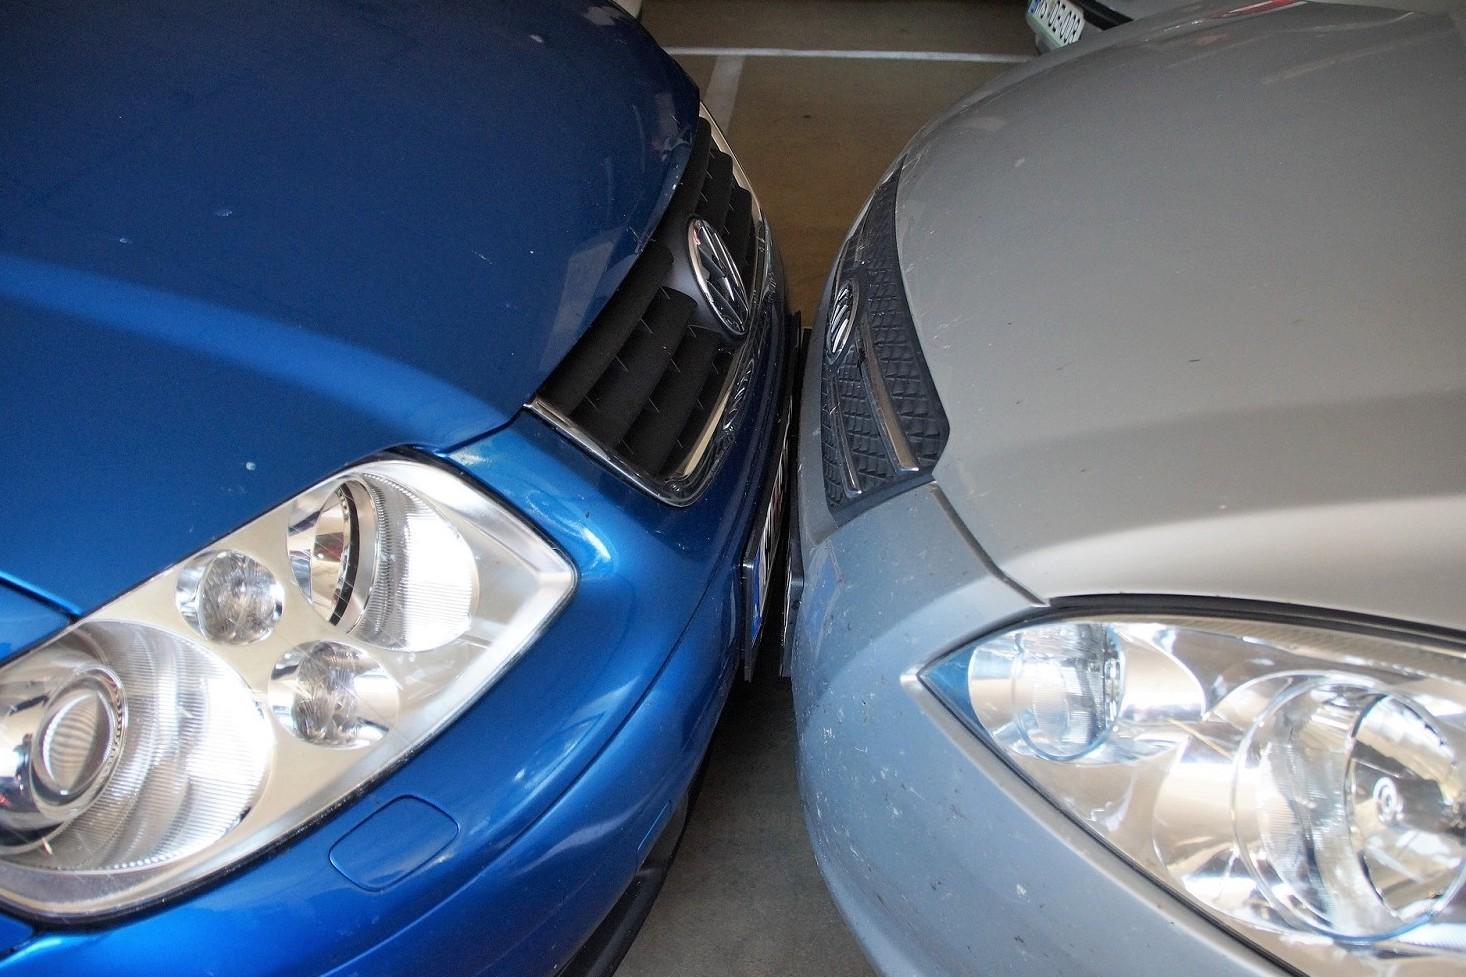 Auto in condominio danneggiata, segnata in parcheggio. Cosa fare per incidente e risarcimento